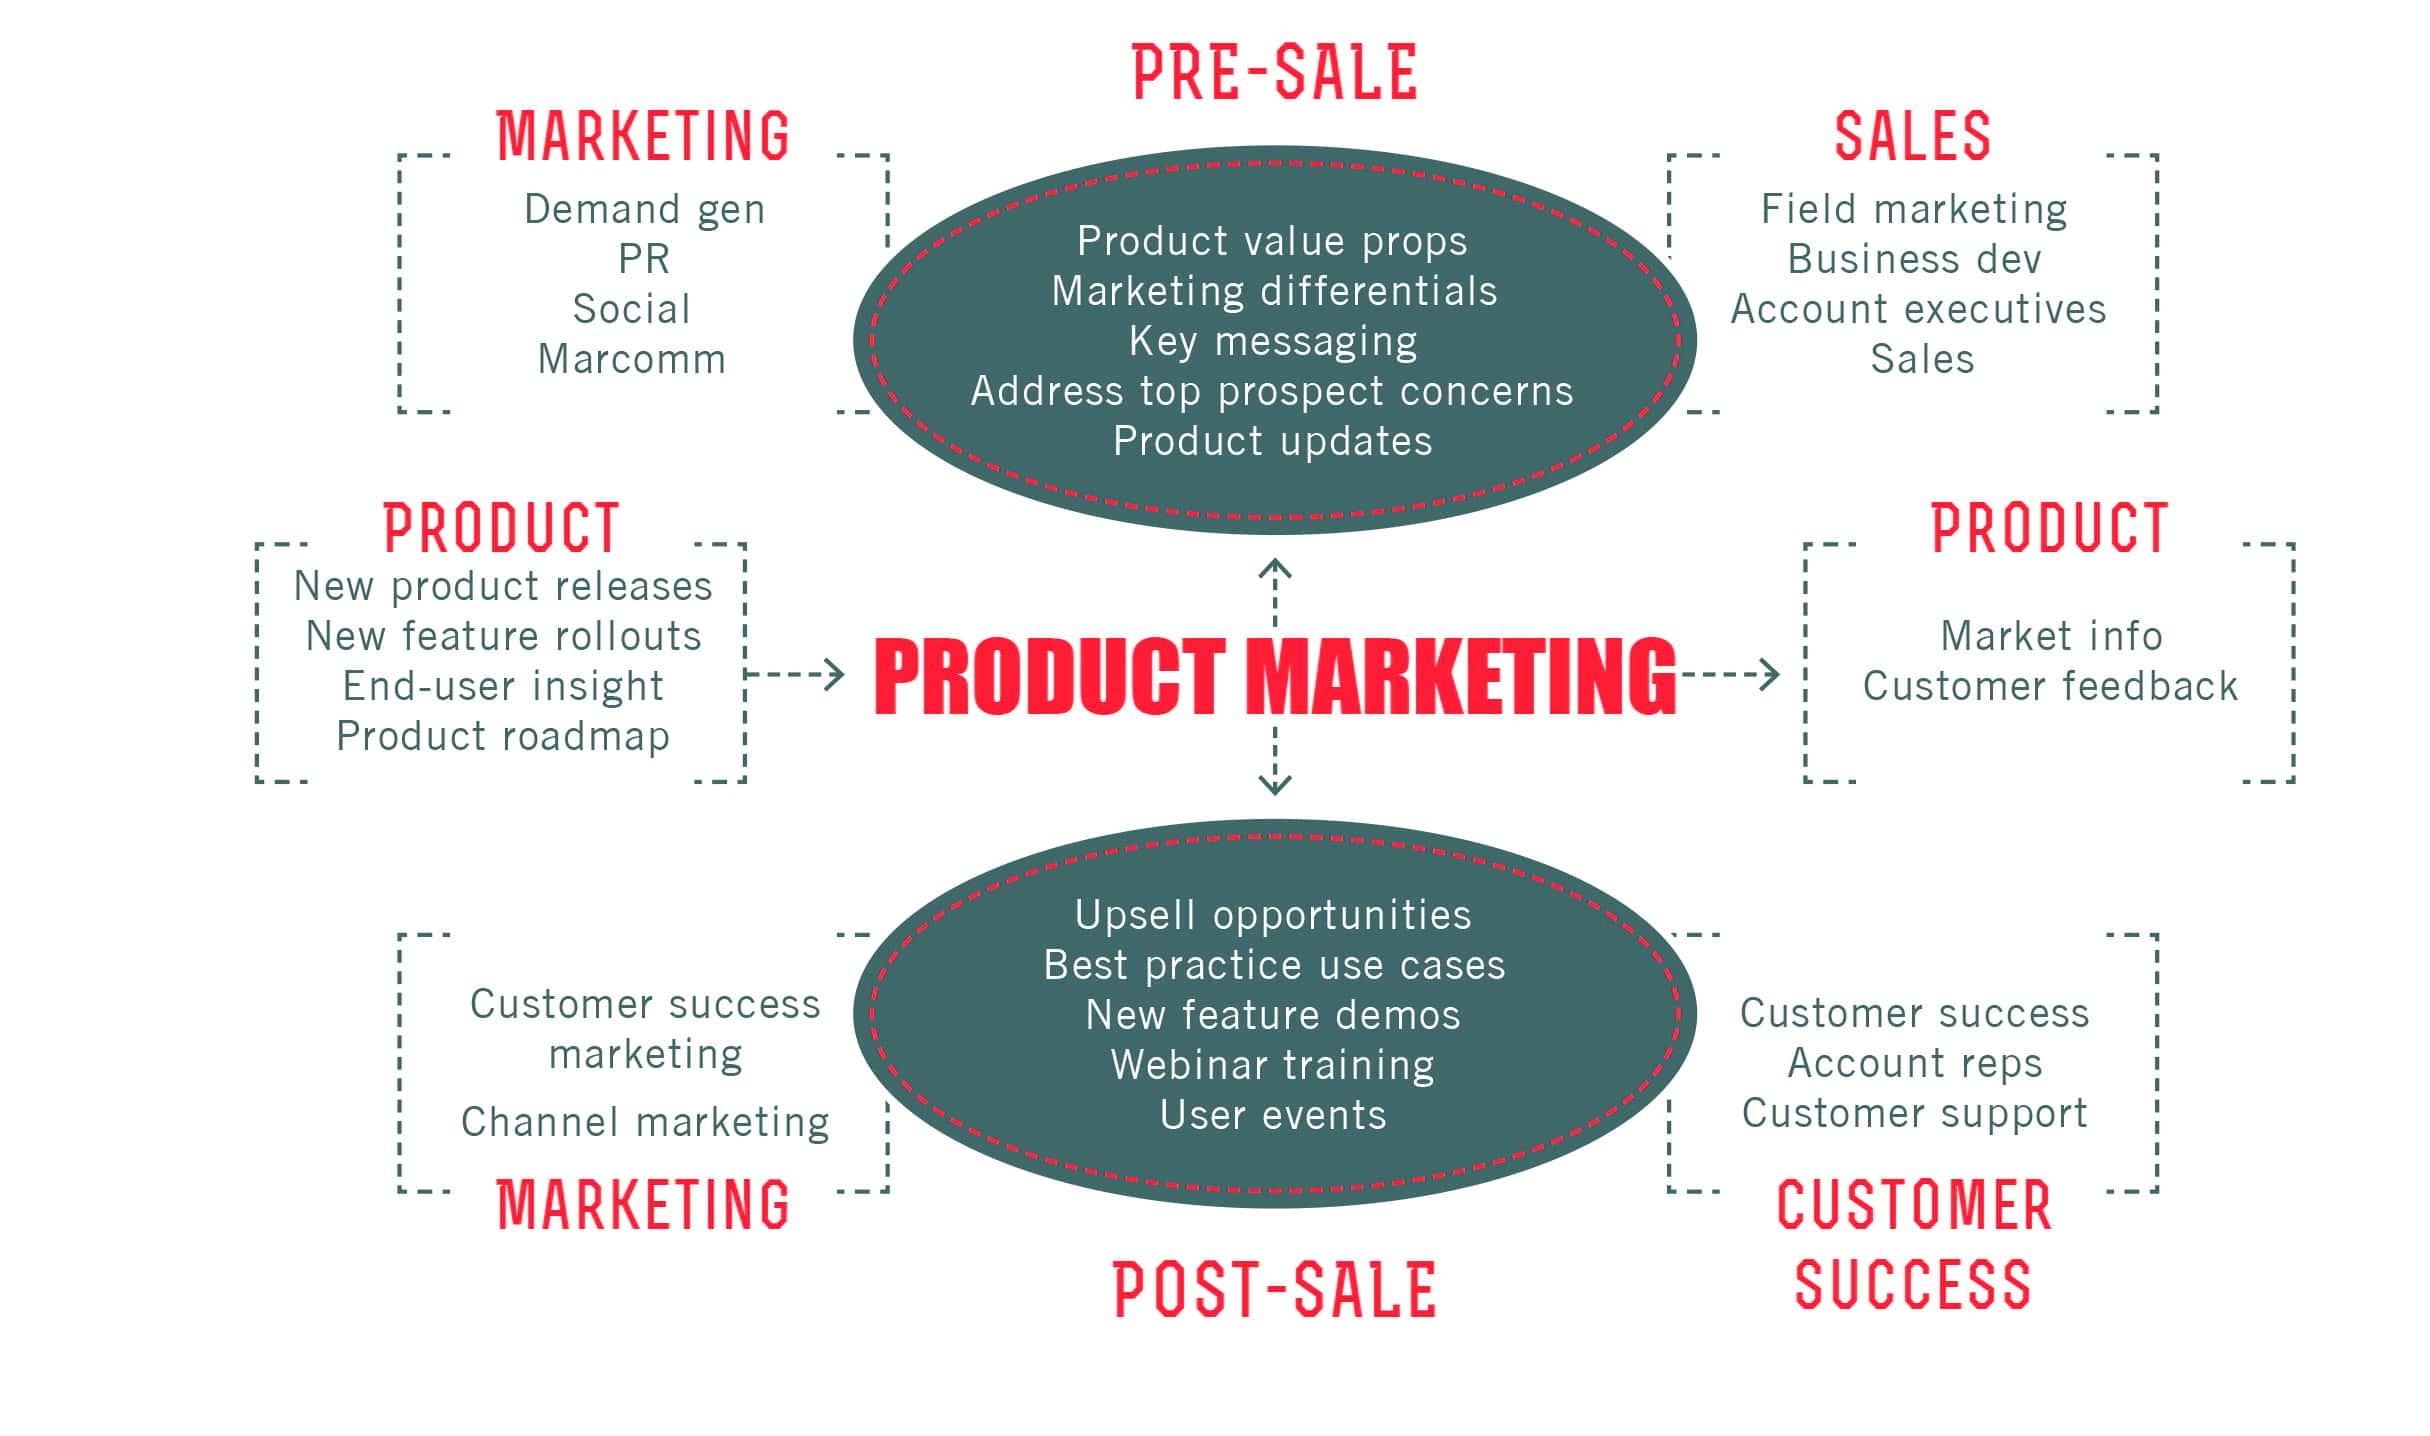 فرایند اجرای استراتژی بازاریابی محصول